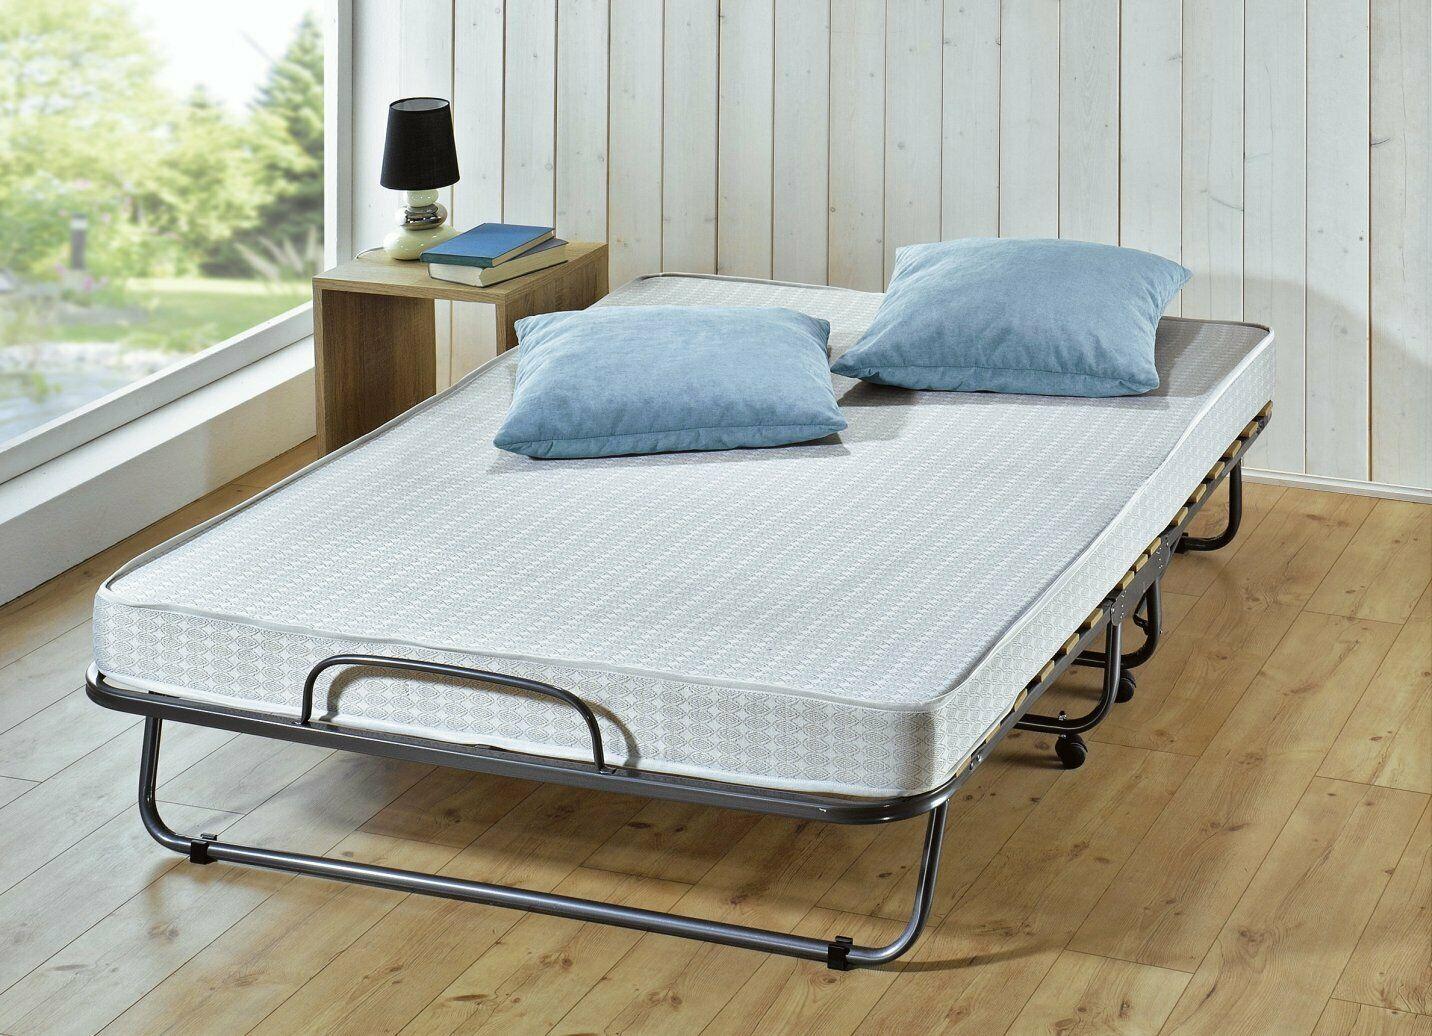 Full Size of Klappbares Doppelbett Bett Bauen Gstebett Klappbar Klappbett Falltbett Klappmatratze Schlafsofa Ausklappbares Wohnzimmer Klappbares Doppelbett